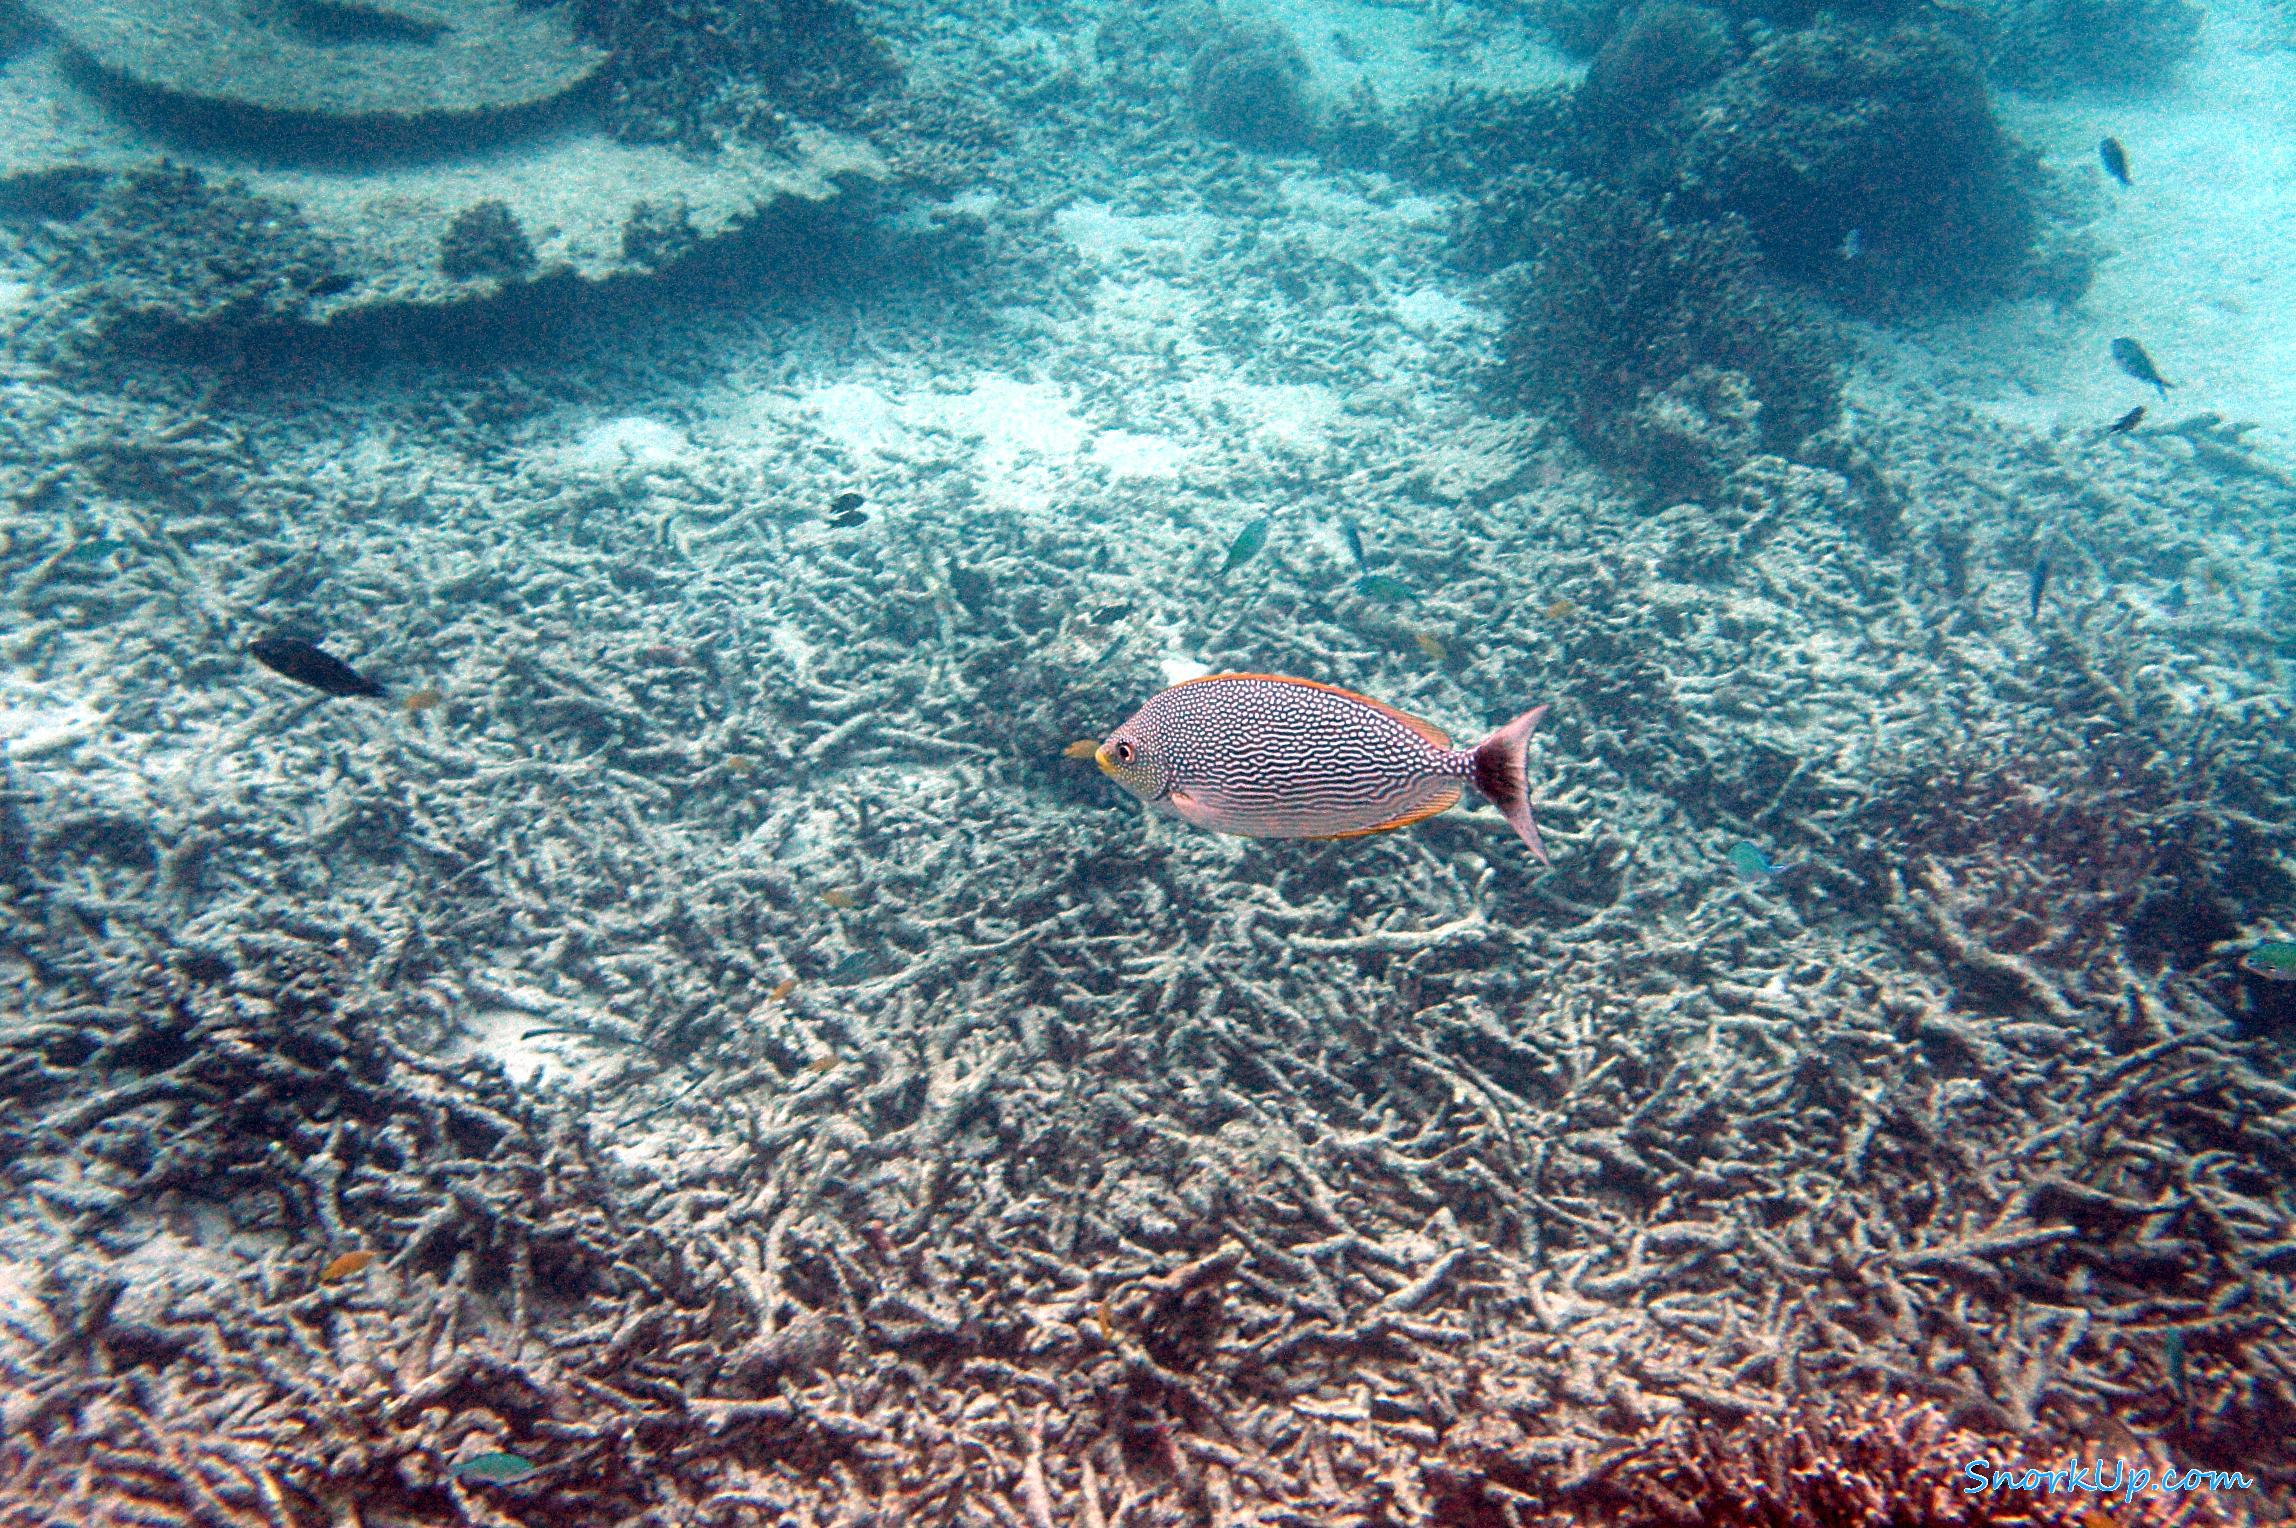 Сиган яванский (лат.Siganus javus, анг.Java rabbitfish, Streaked Spinefoot )